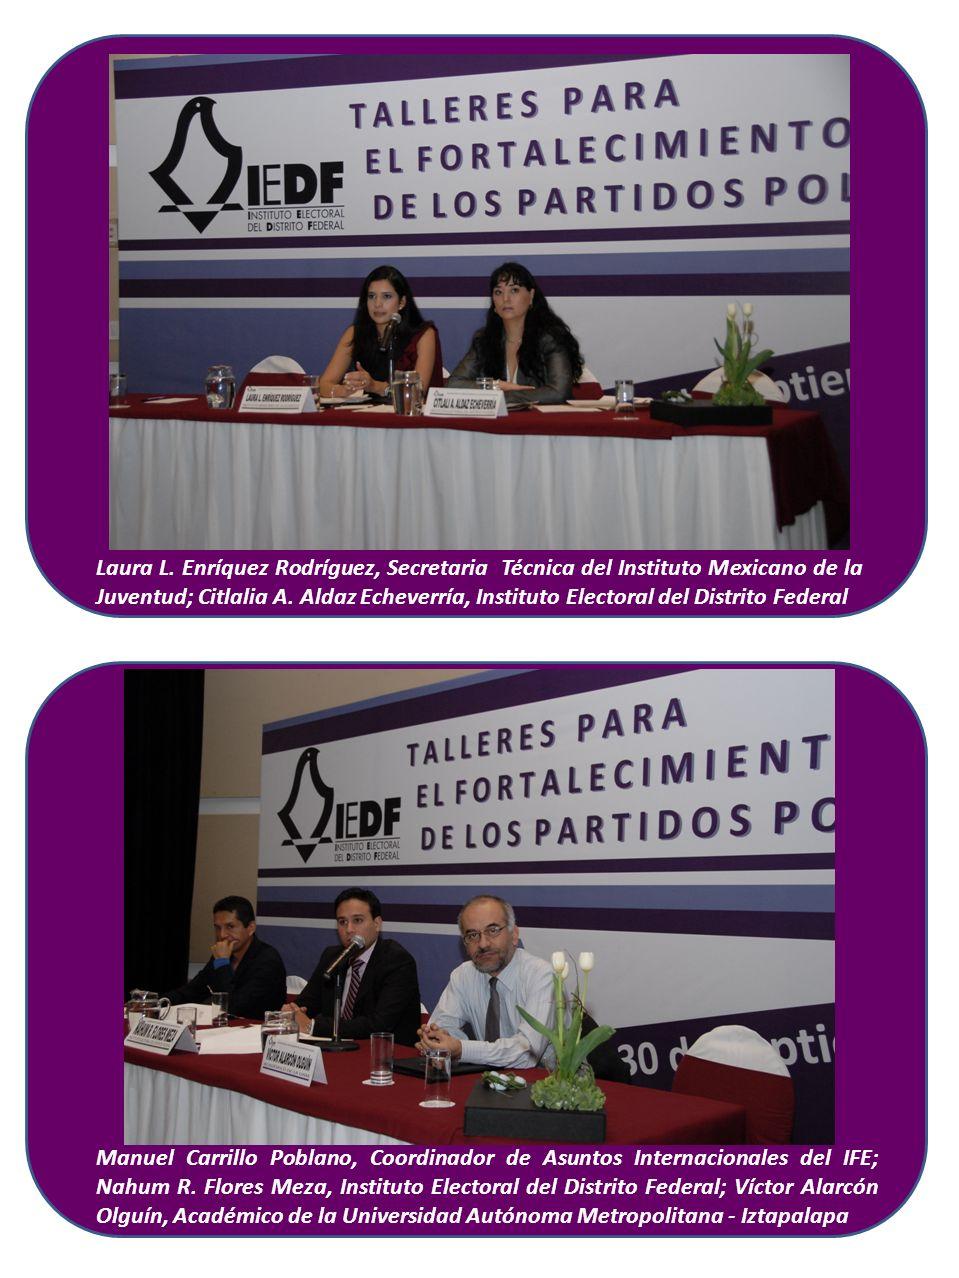 Laura L. Enríquez Rodríguez, Secretaria Técnica del Instituto Mexicano de la Juventud; Citlalia A. Aldaz Echeverría, Instituto Electoral del Distrito